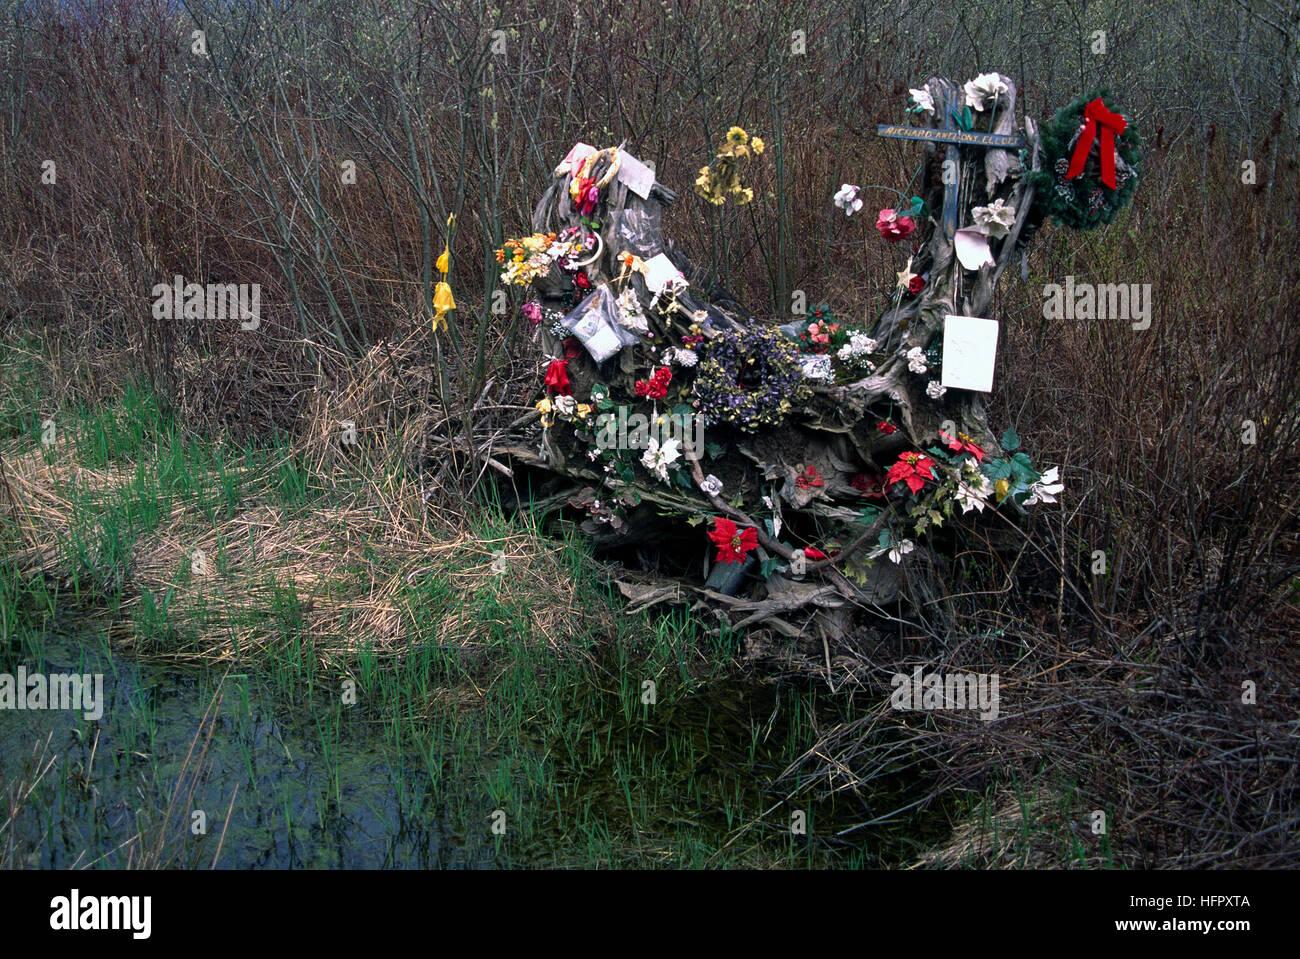 Carretera santuario memorial y homenaje a las víctimas muertas en accidente de coche fatal Imagen De Stock